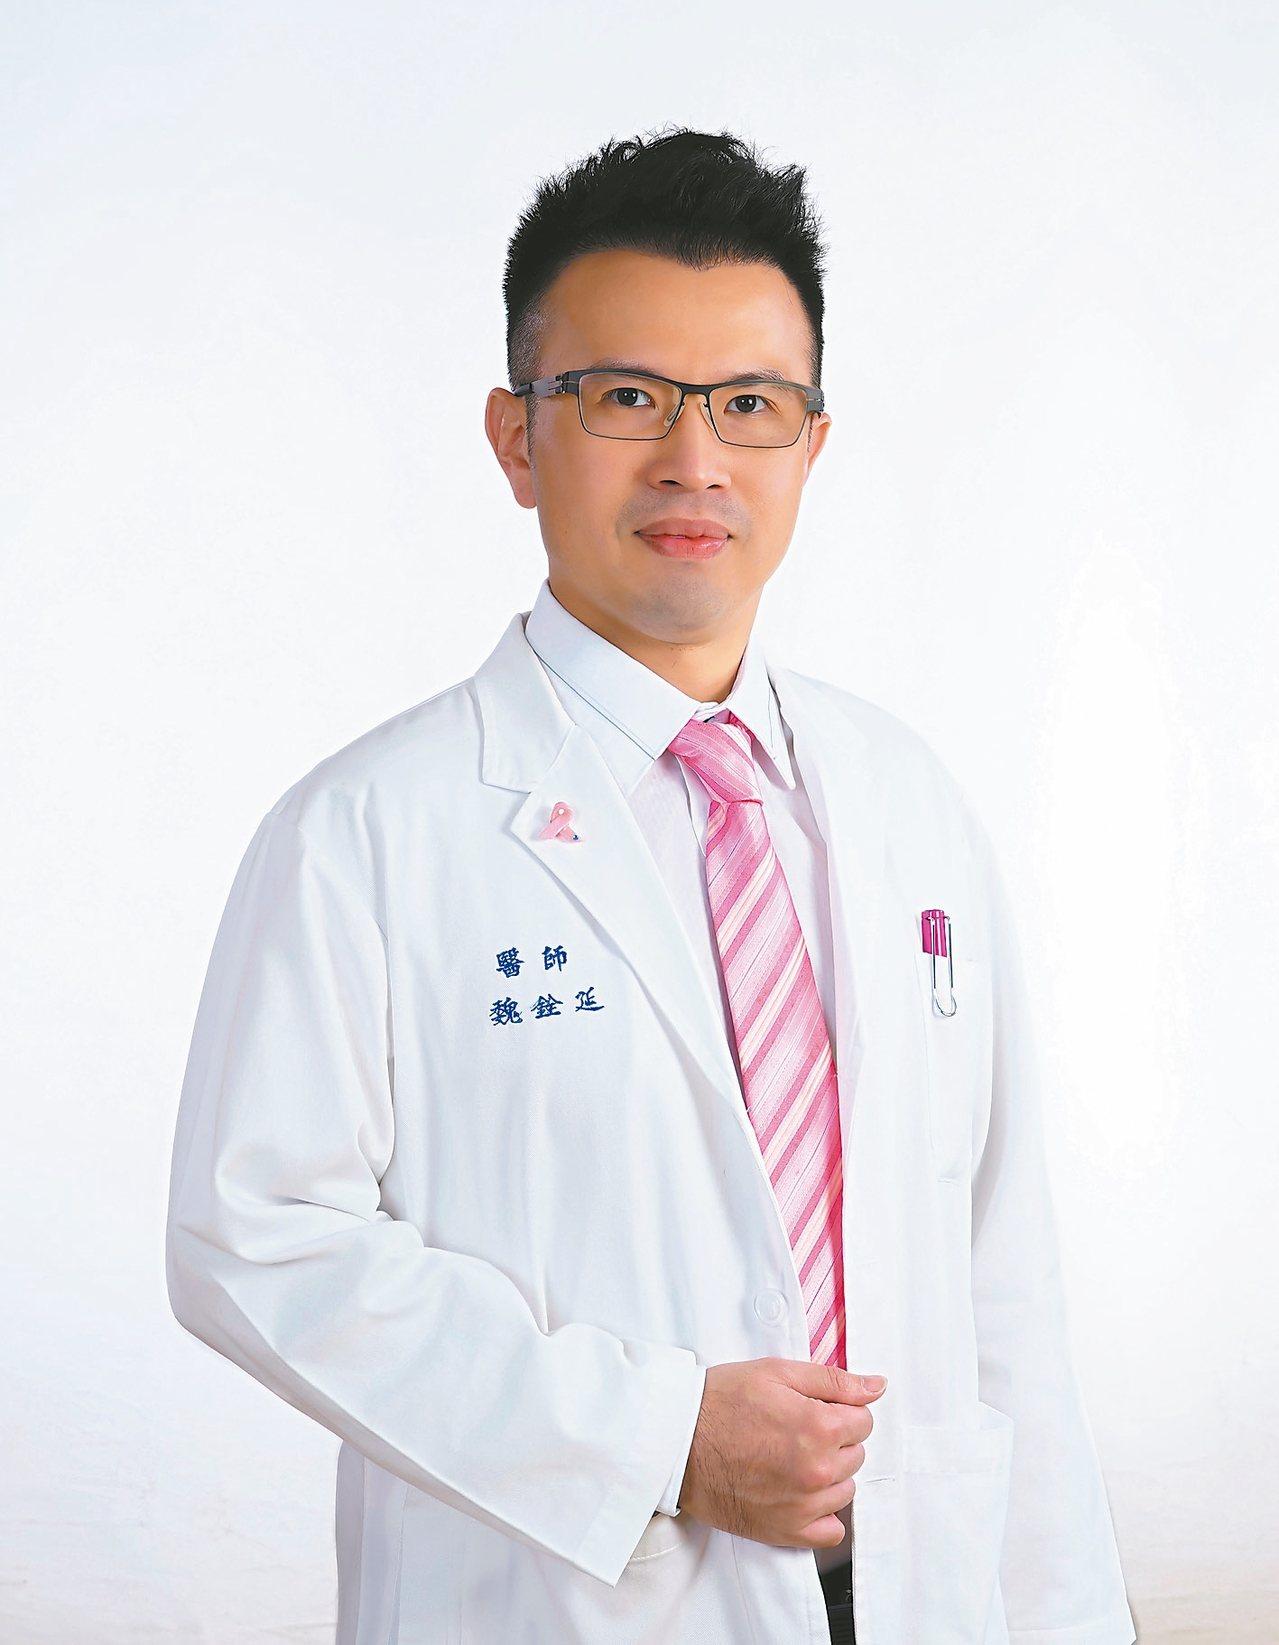 台東馬偕一般外科主治醫師魏銓延。圖/魏銓延提供